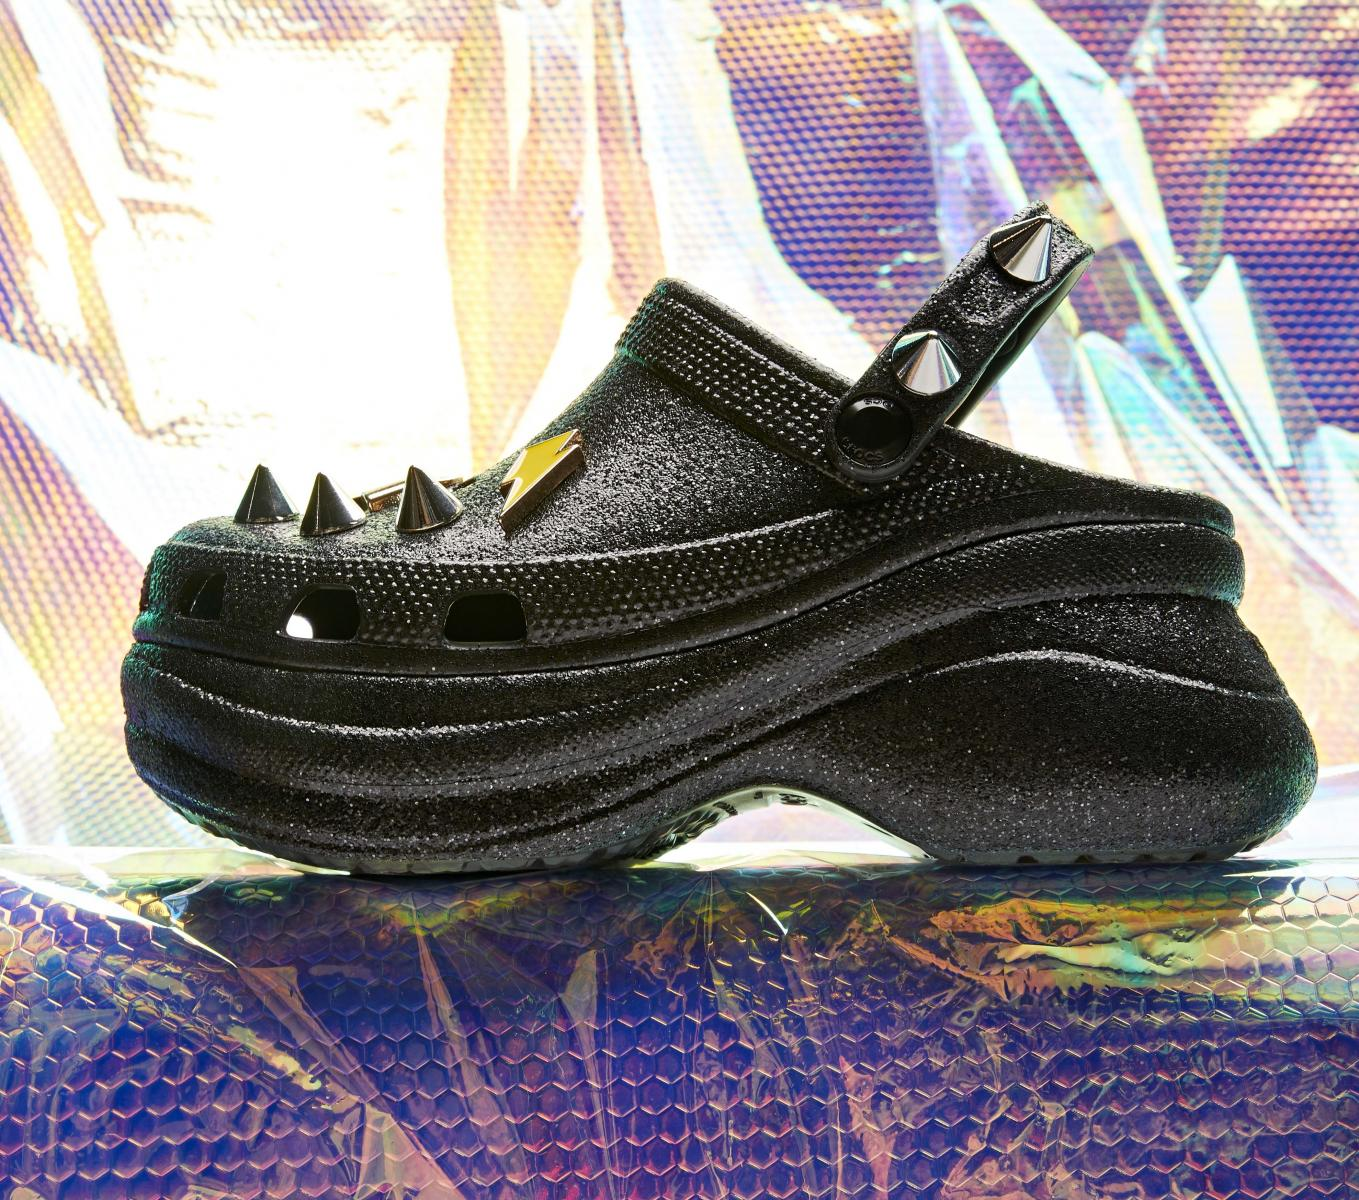 Crocs鞋推薦5樣「內行人精選款」!紫羅蘭色圈粉小賈斯汀,打牌添好運要穿「麻將鞋」-4